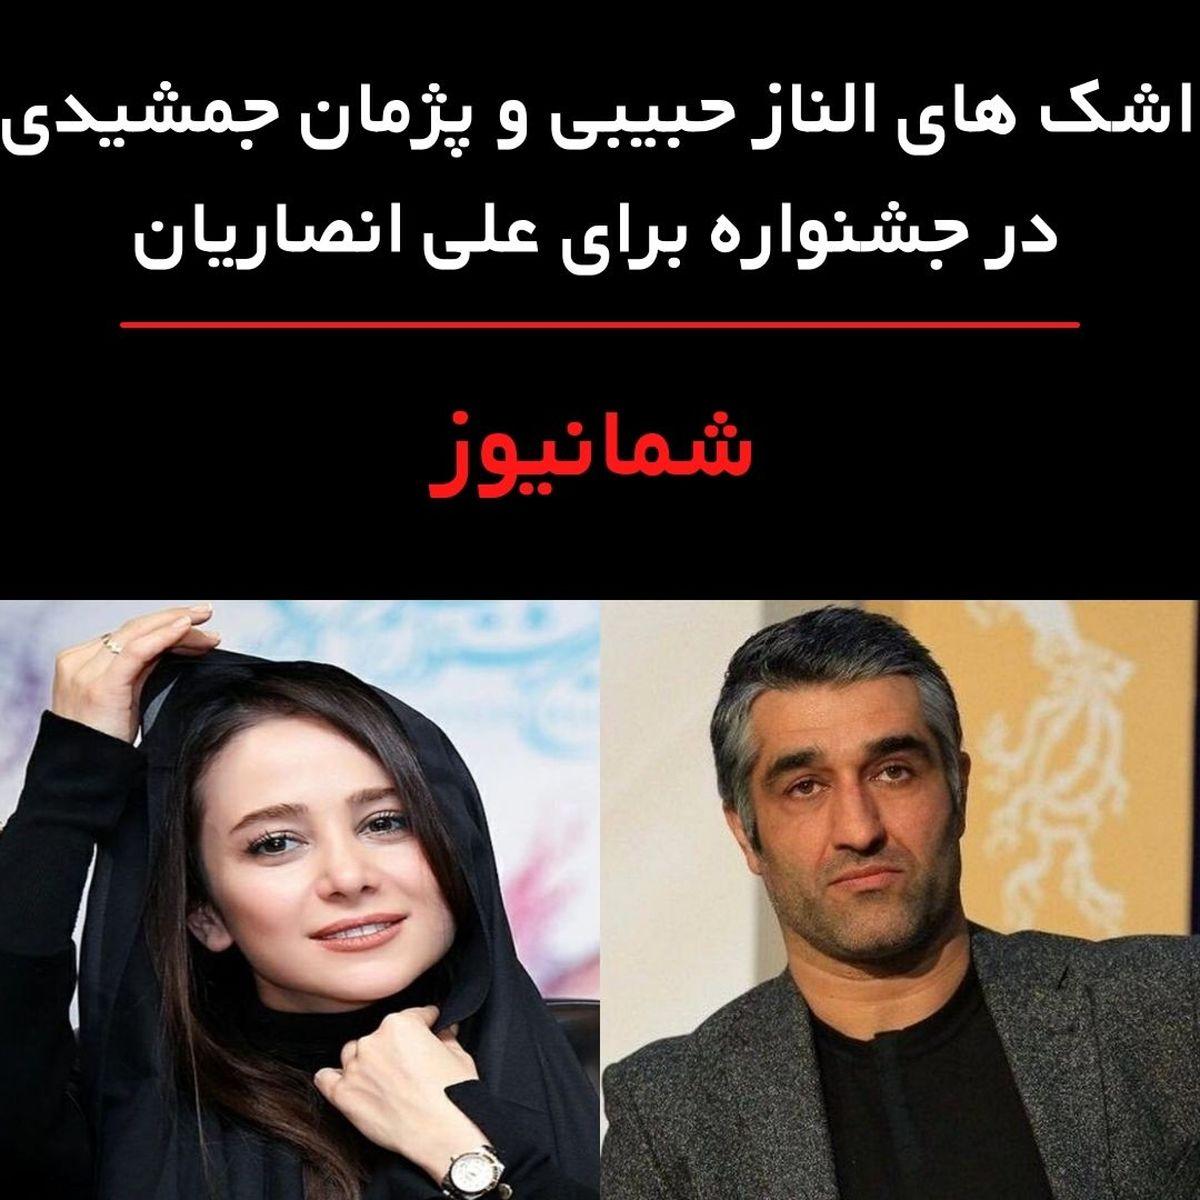 اشک های الناز حبیبی و پژمان جمشیدی برای علی انصاریان در جشنواره + فیلم